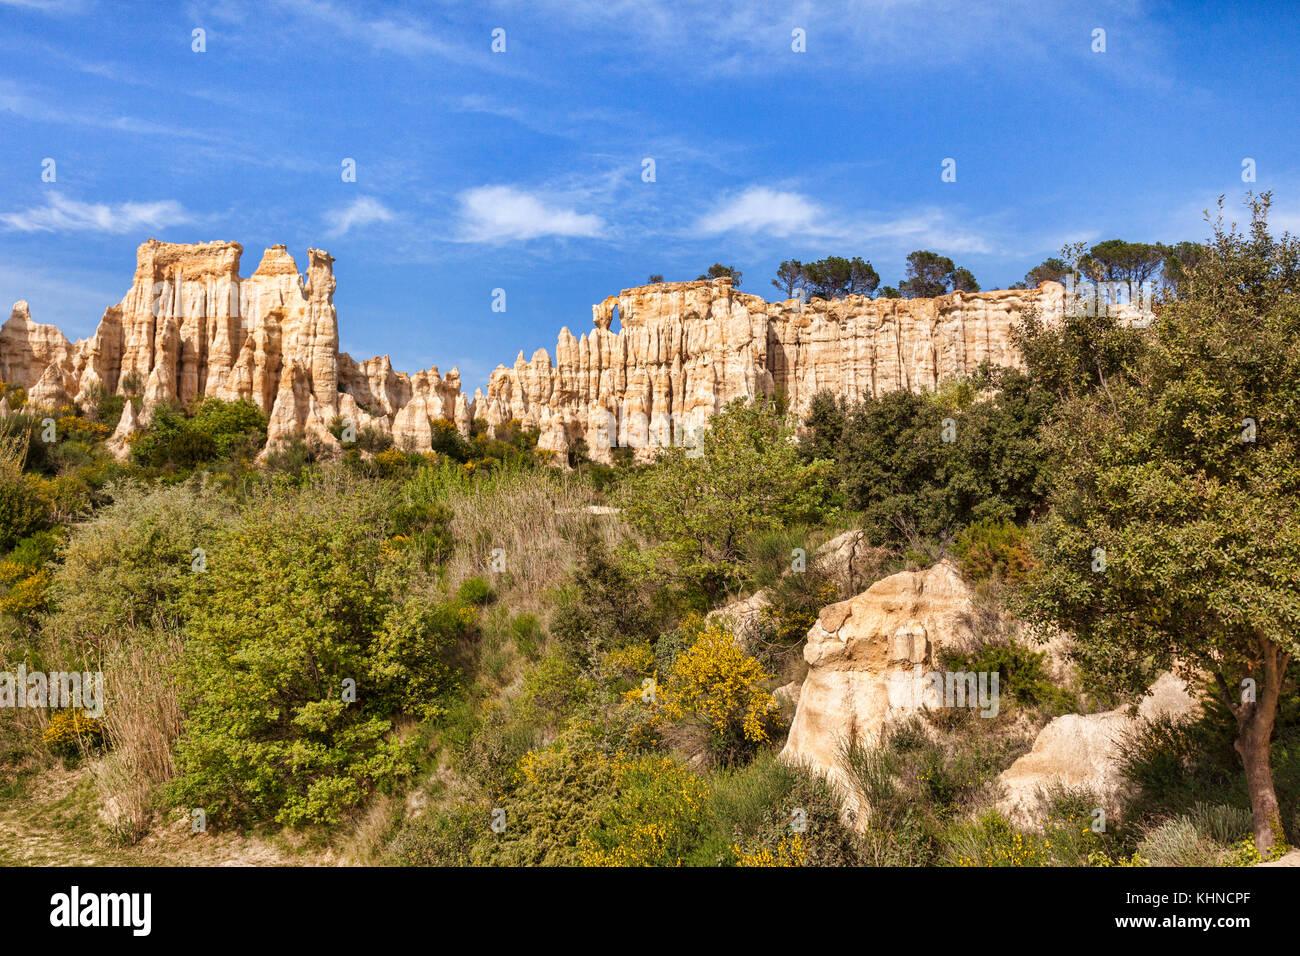 Les Orgues d'Ille sur tet, Languedoc - Roussillon, Pyrenäen - Orientales, Frankreich. Stockbild